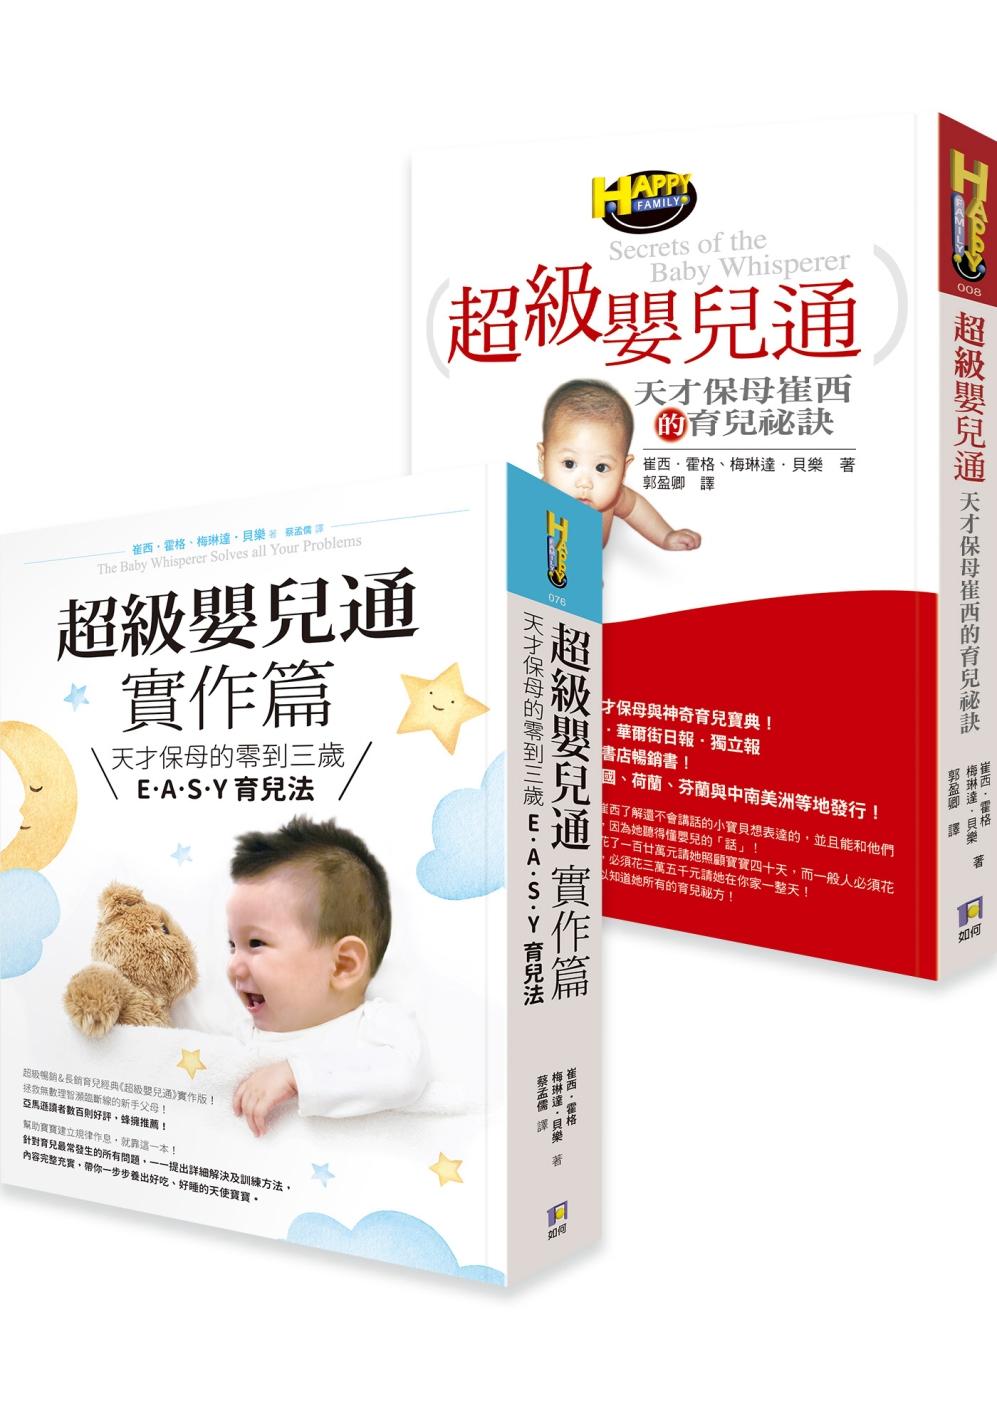 超級嬰兒通:天才保母崔西的育兒祕訣+超級嬰兒通實作篇:天才保母的零到三歲E˙A˙S˙Y 育兒法